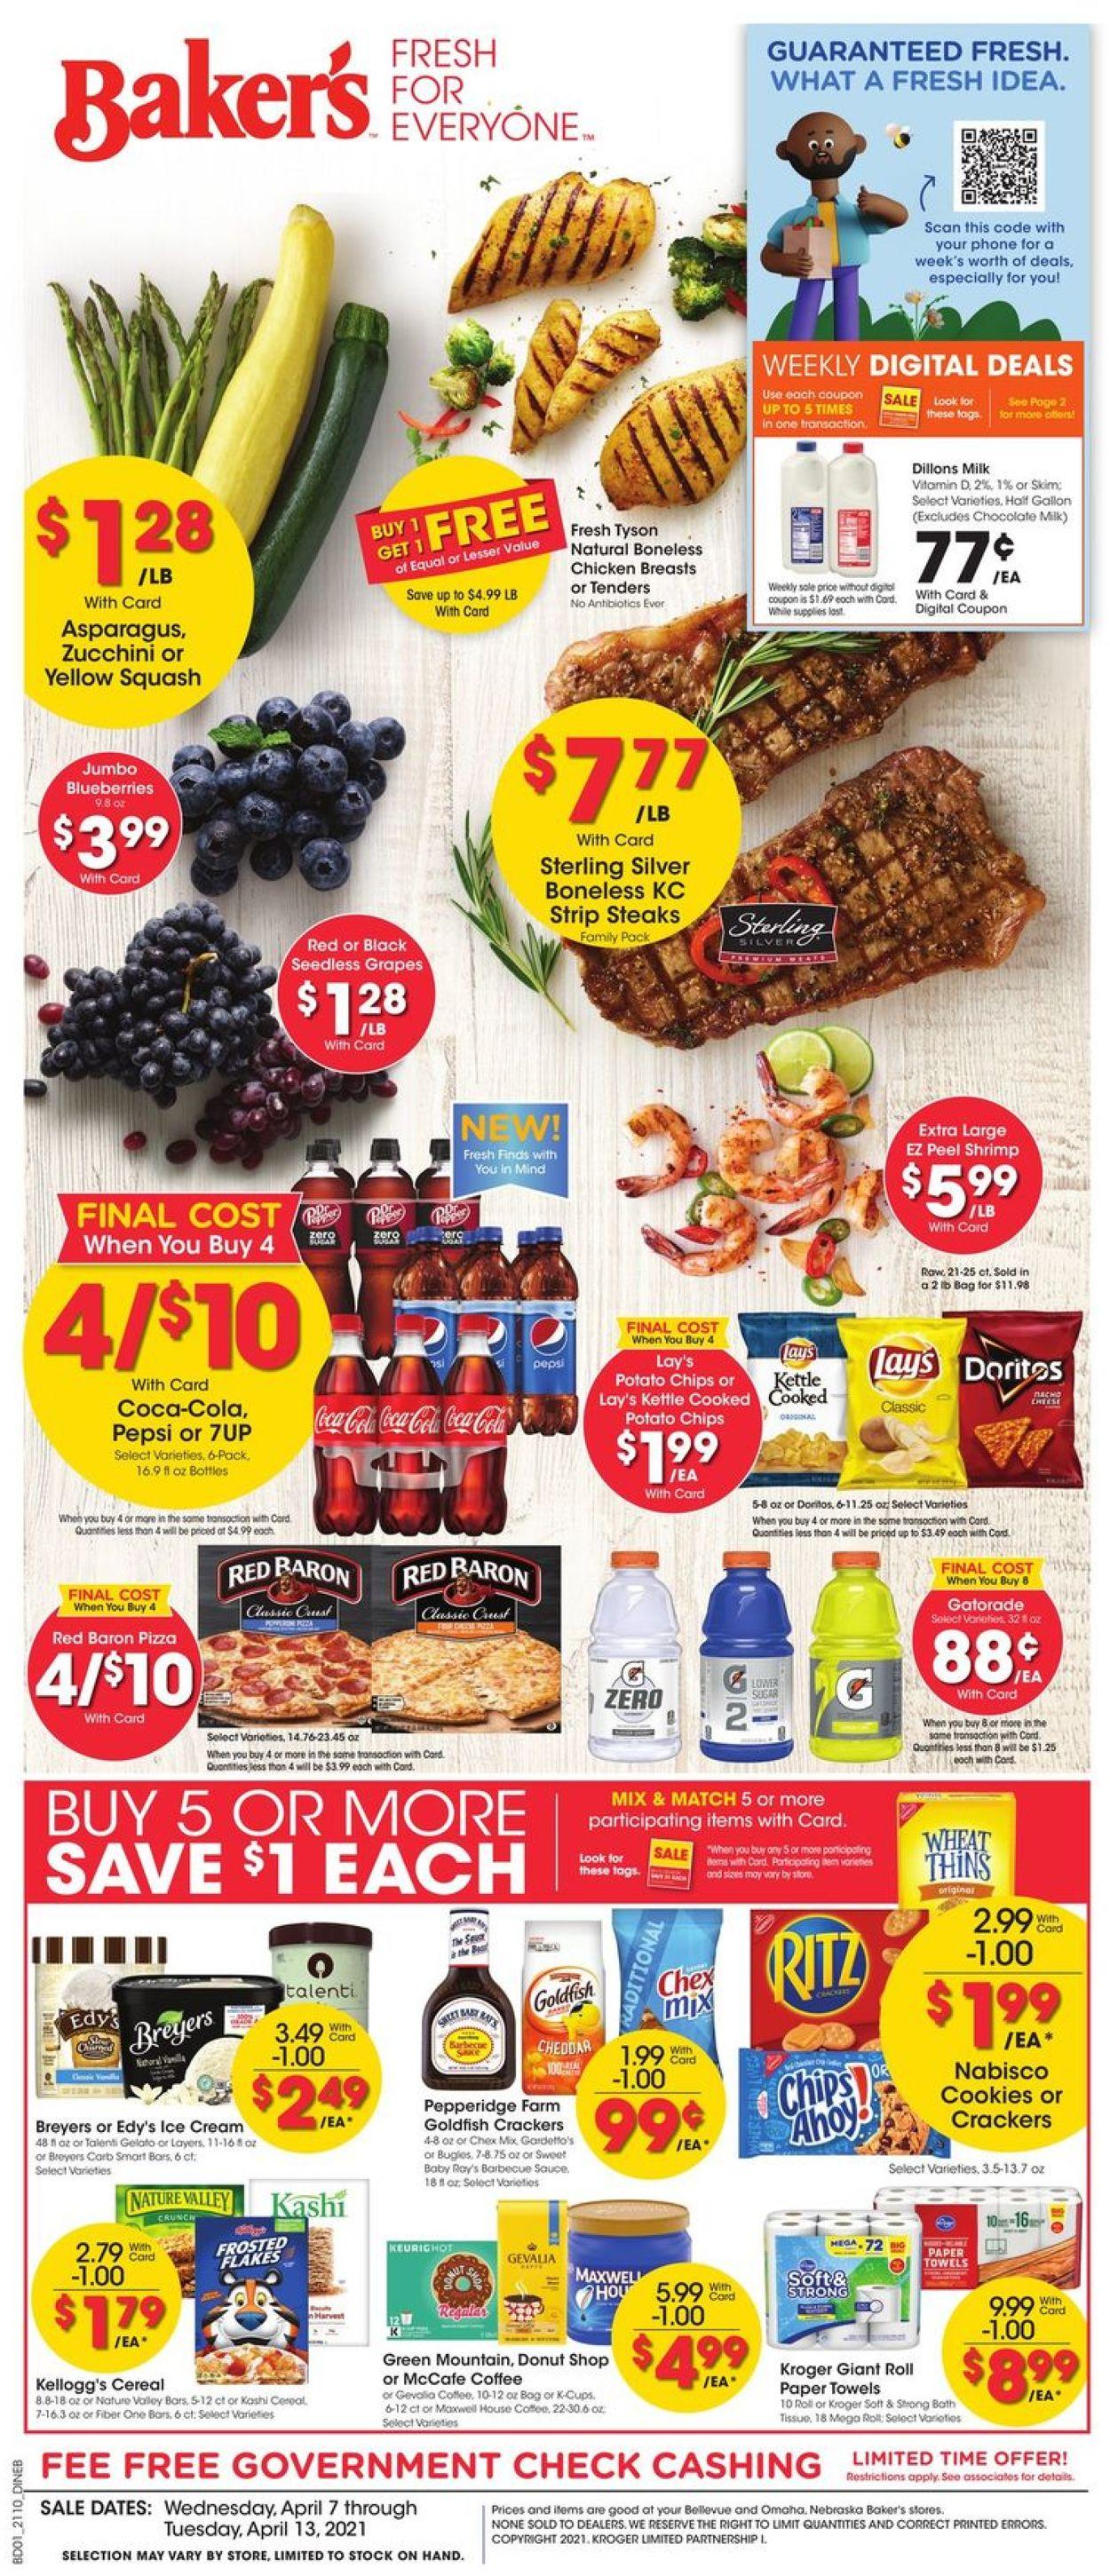 Baker's Weekly Ad Circular - valid 04/07-04/13/2021